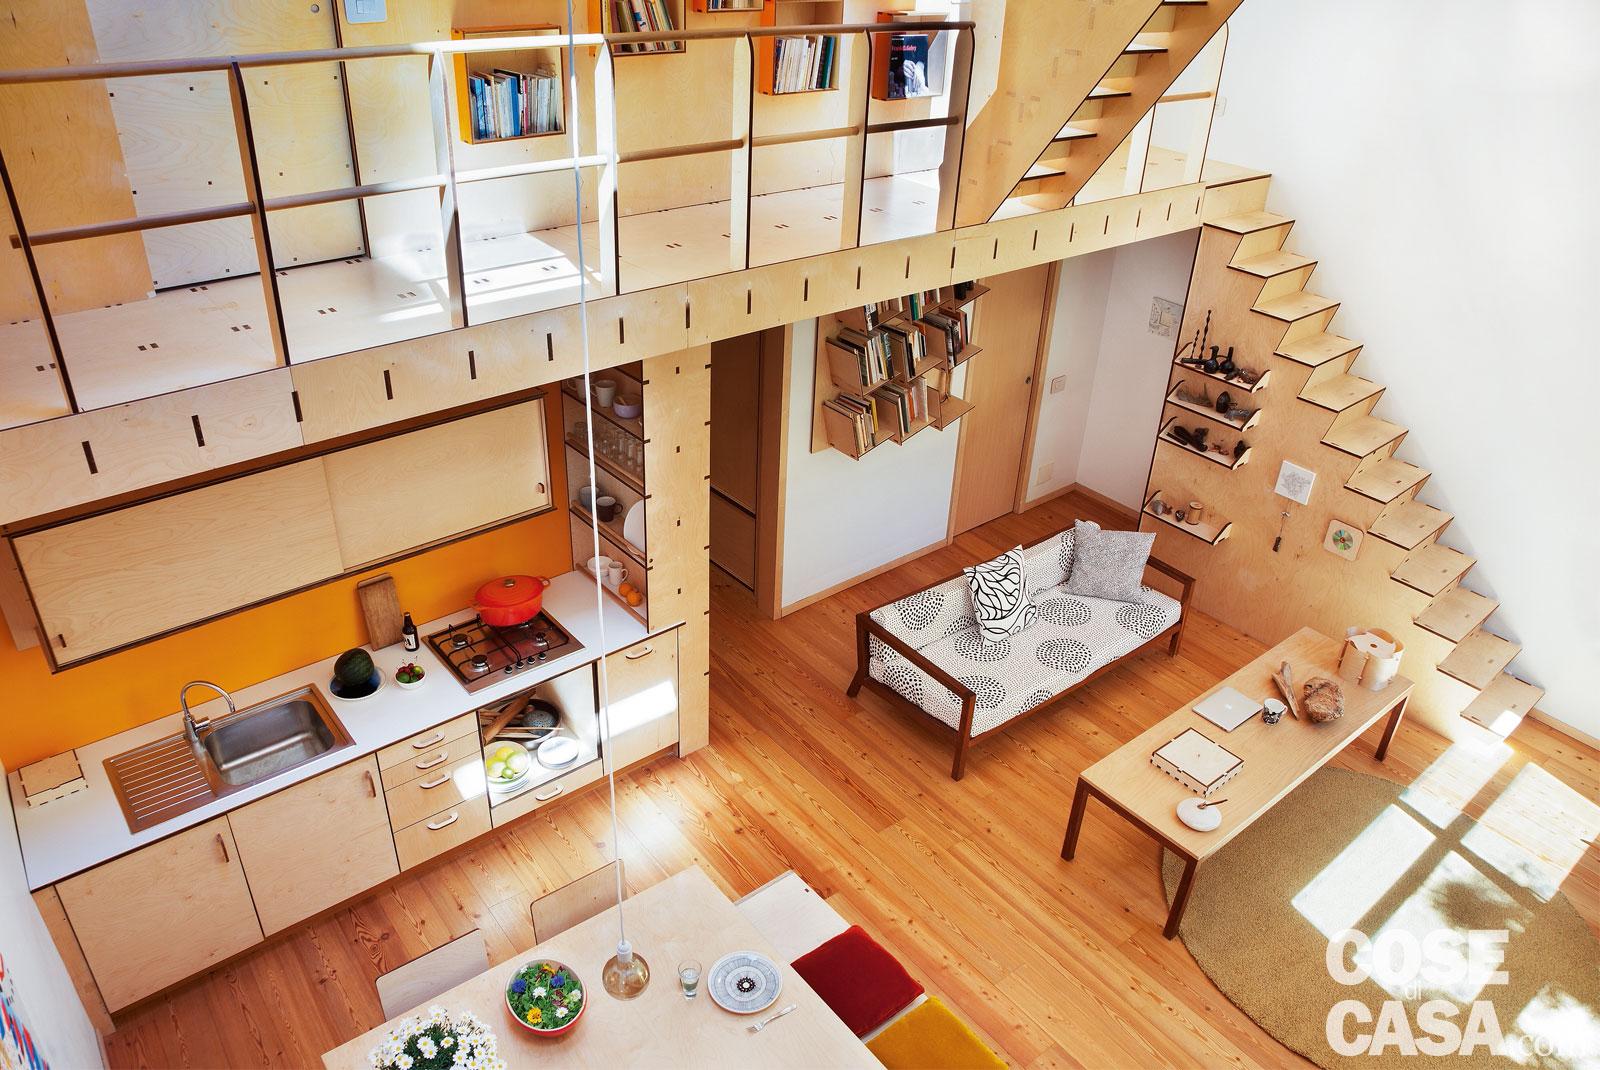 Costo Soppalco Al Mq casa 66 mq + 37 mq di sottotetto con scala che contiene